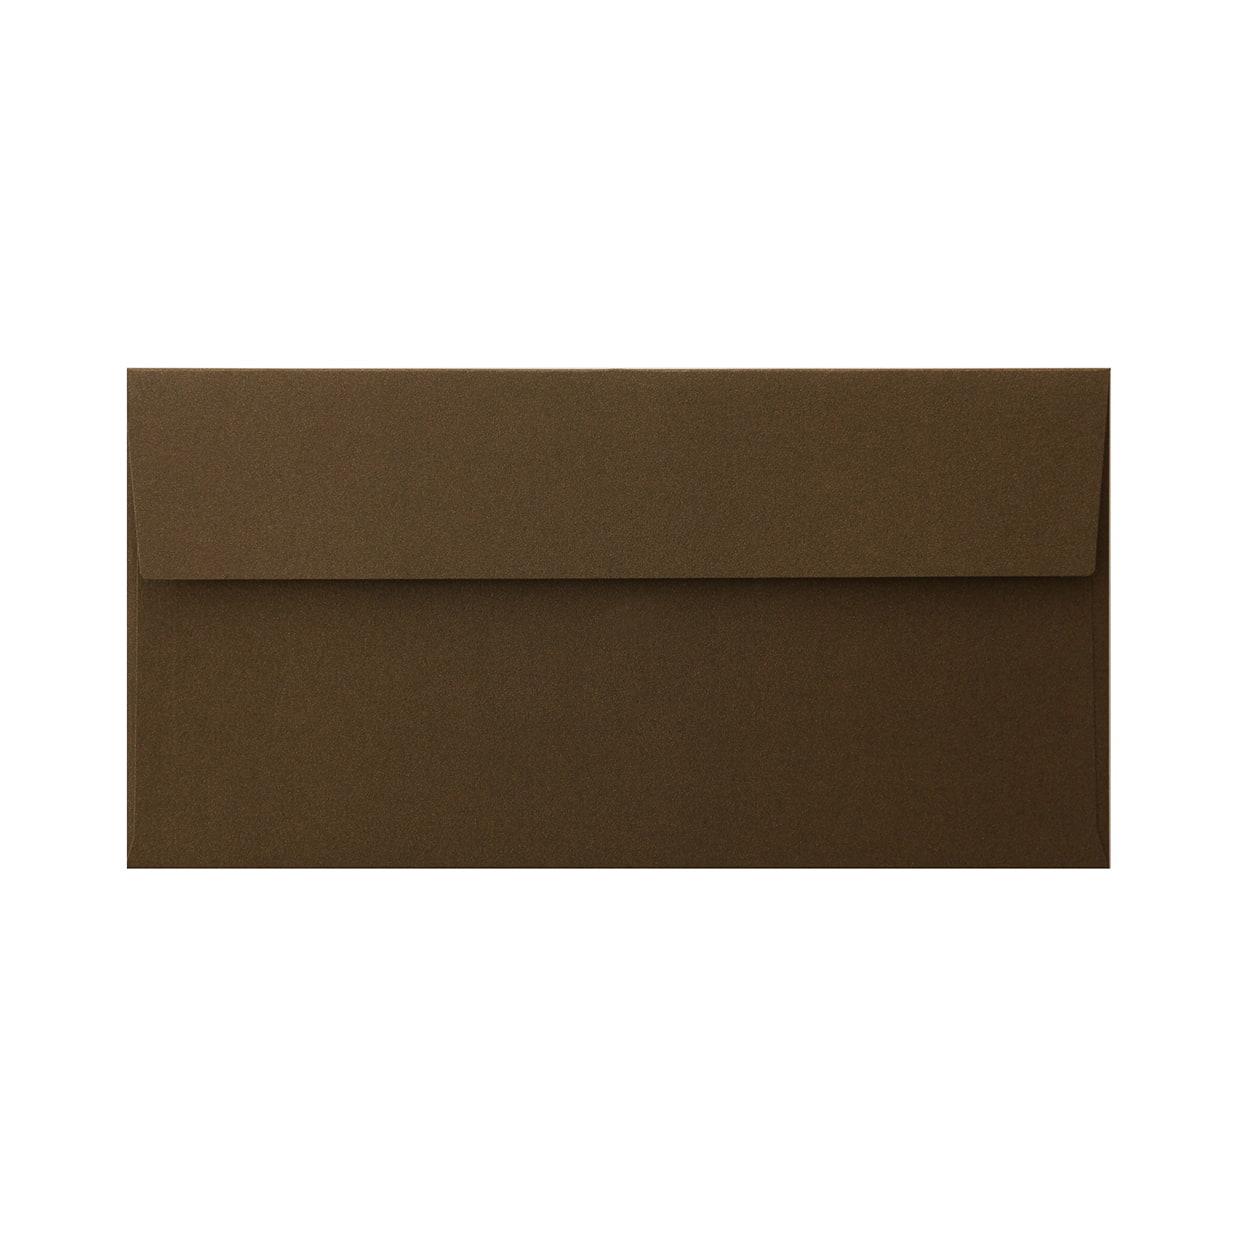 長3カマス封筒 コットン チョコレート 116.3g